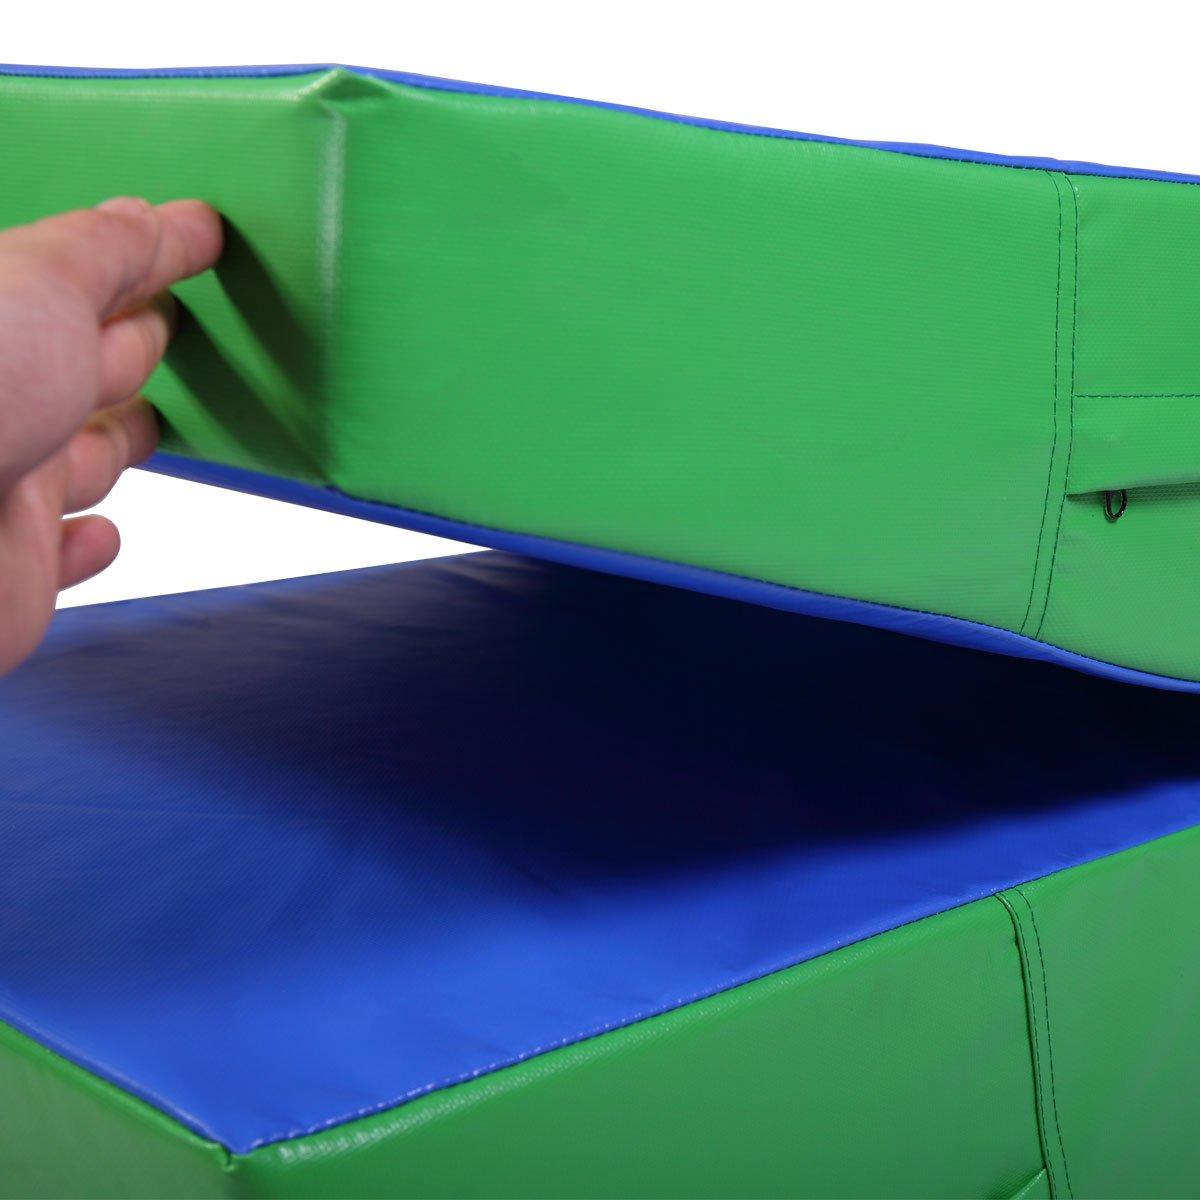 JAXPETY Gymnastics Incline Mat Folding Slope Gym Exercise Aerobics Tumbling Wedge